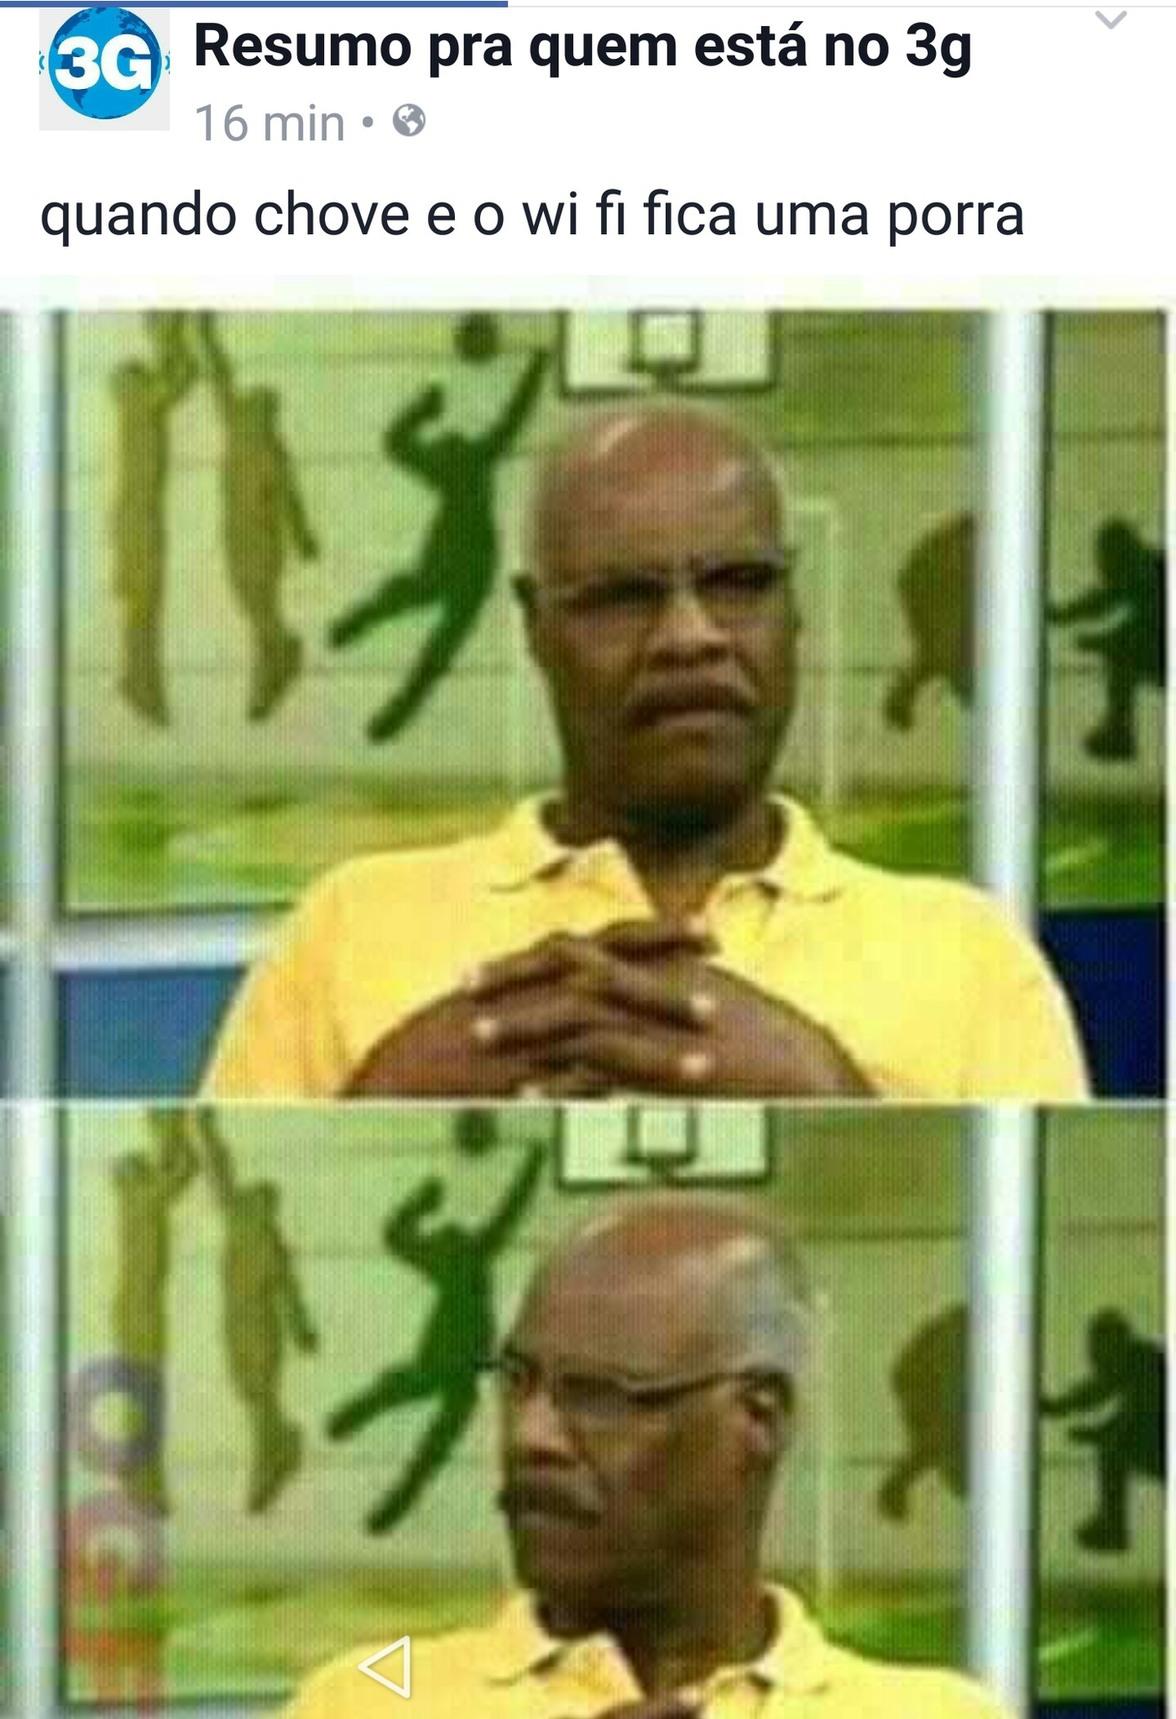 esse Memedroid ta uma porra